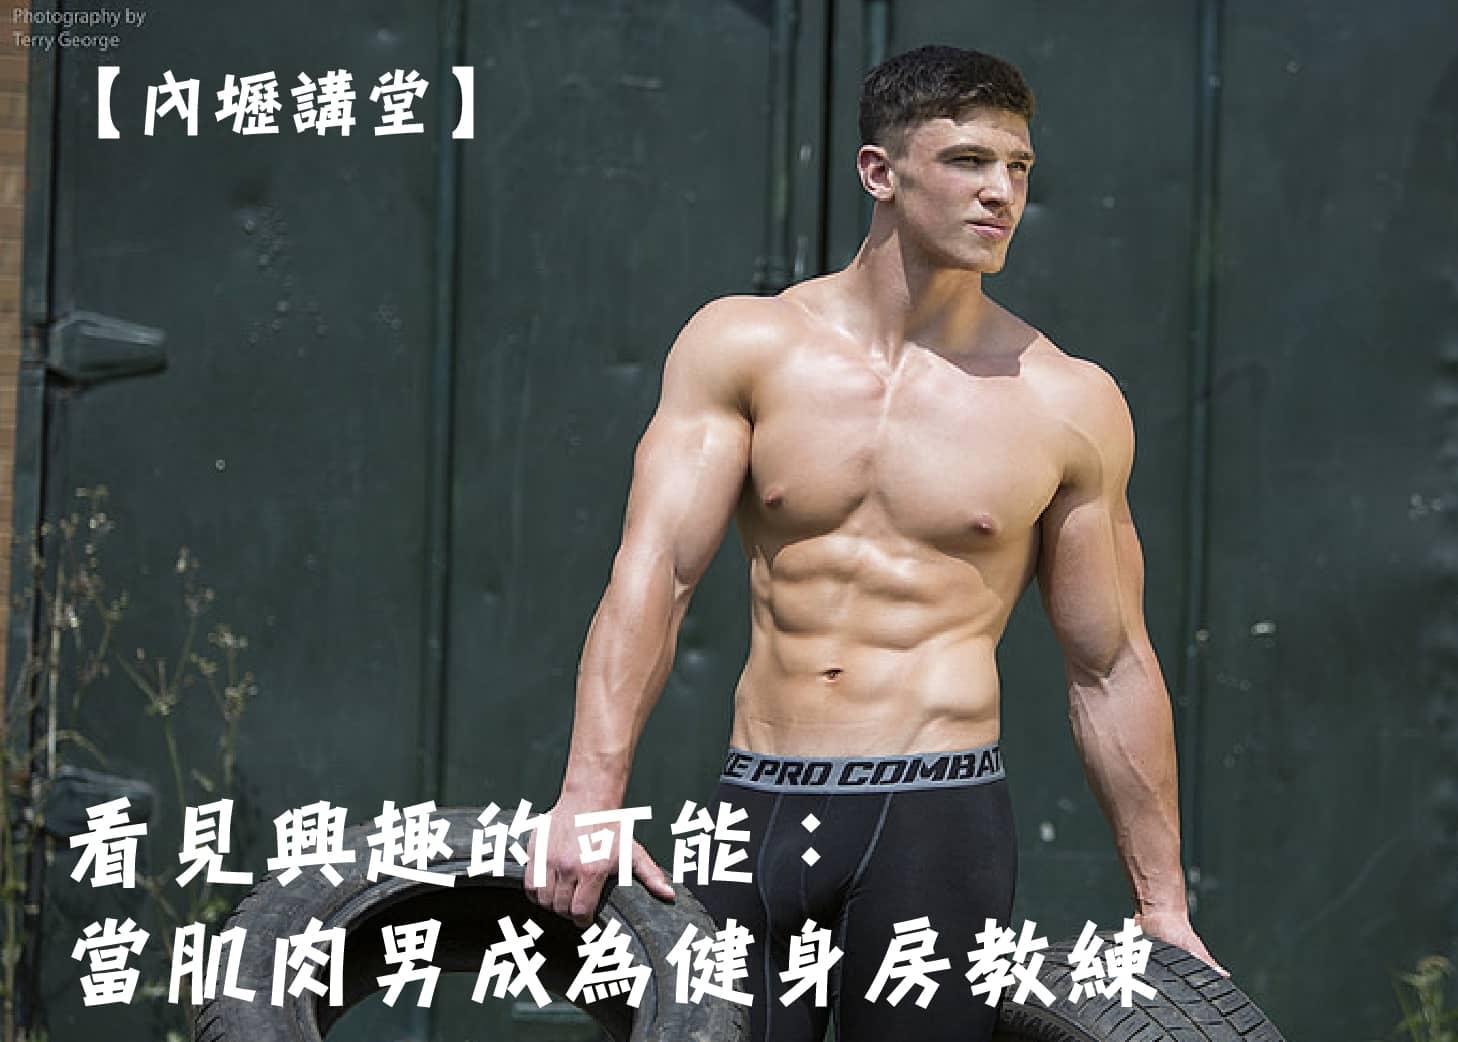 看见兴趣的可能:当肌肉男成为健身房教练图片